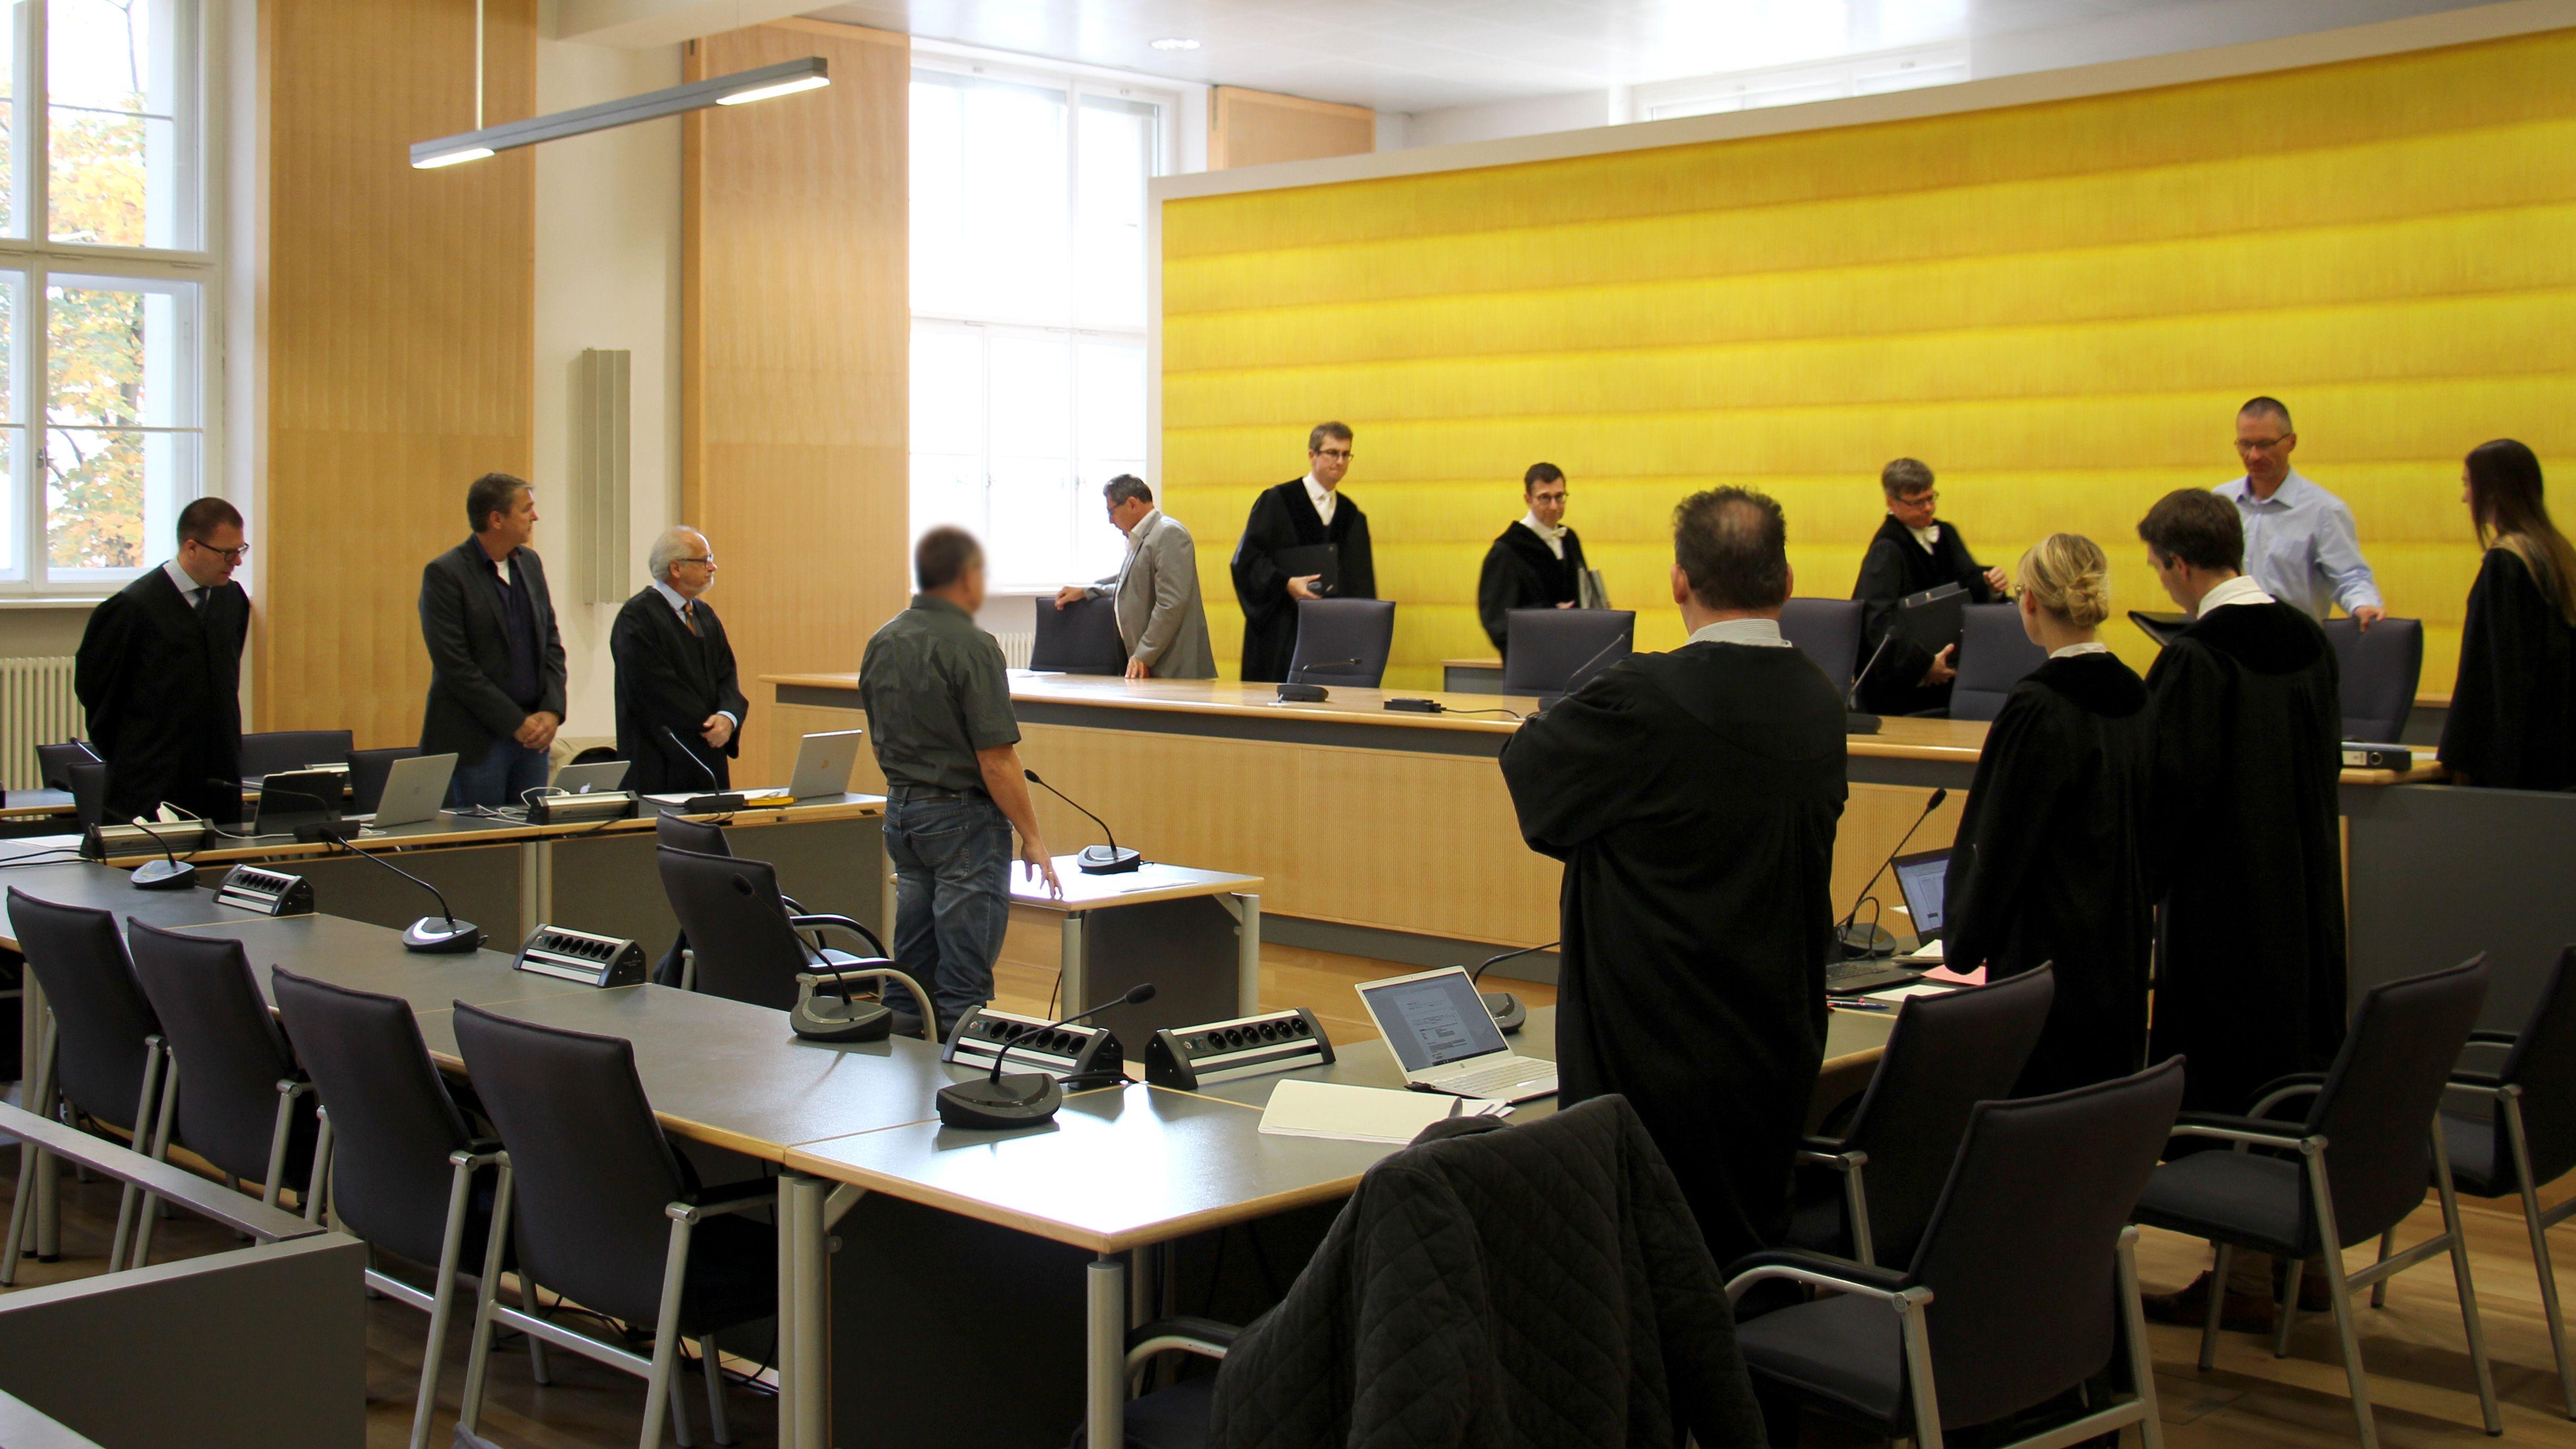 Am Zeugentisch (Mitte) nimmt heute ein Genetiker Platz. Links der Angeklagte Stefan Pohlmann mit seinen Anwälten.